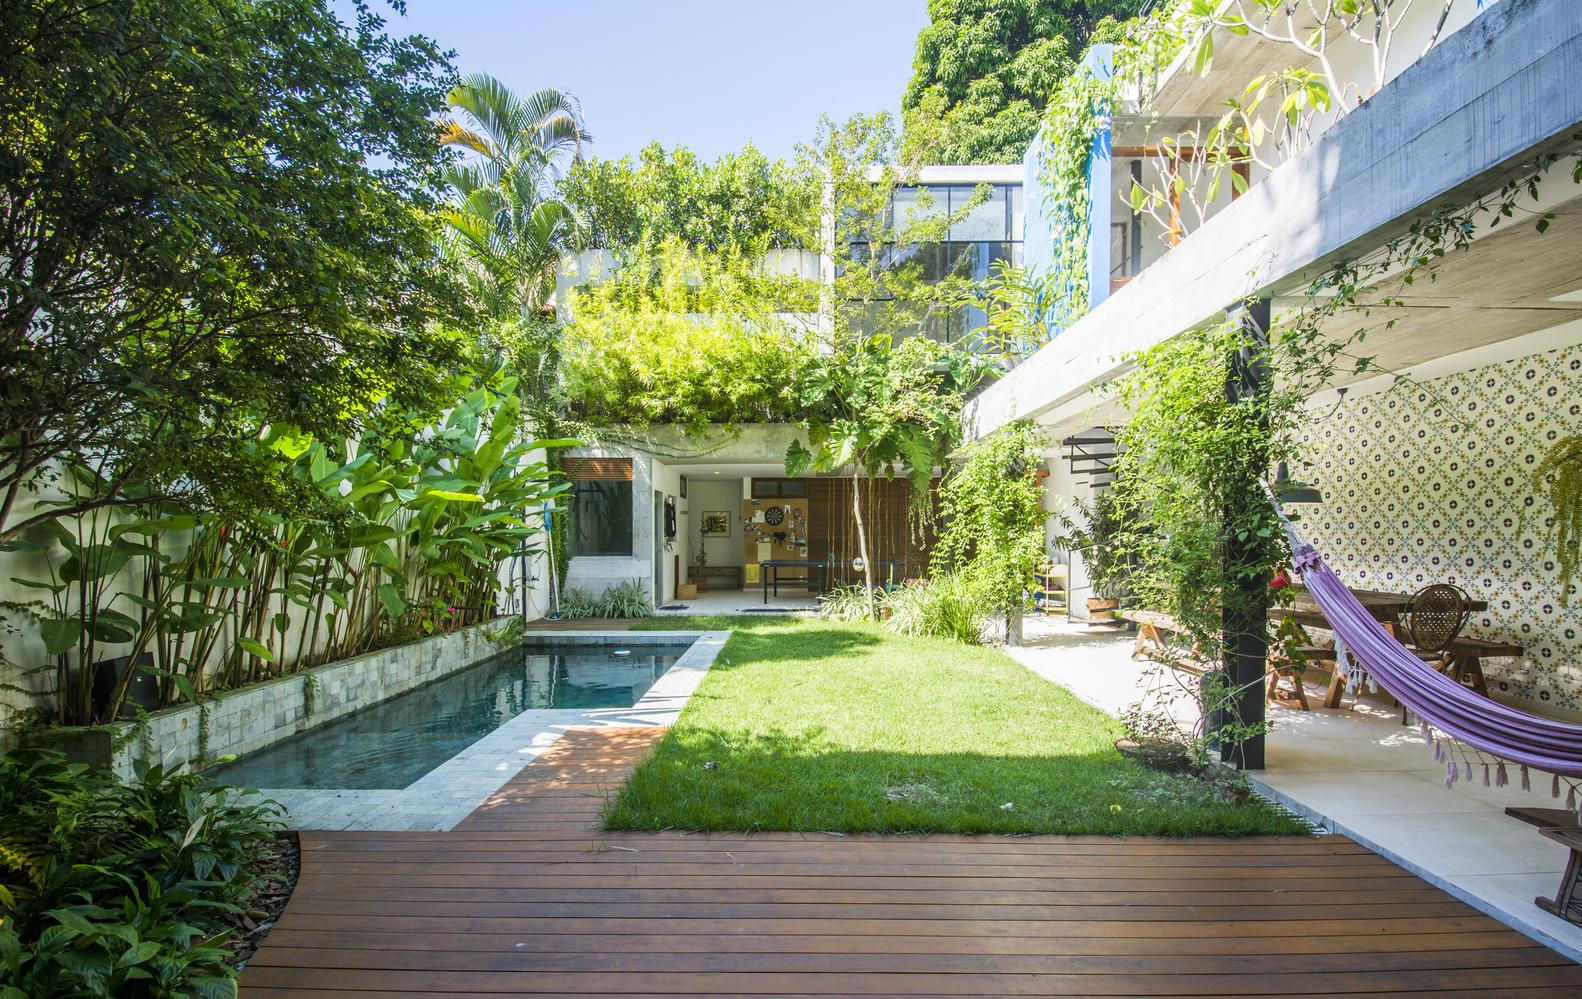 La casa dispone di una piscina / Celso Brando